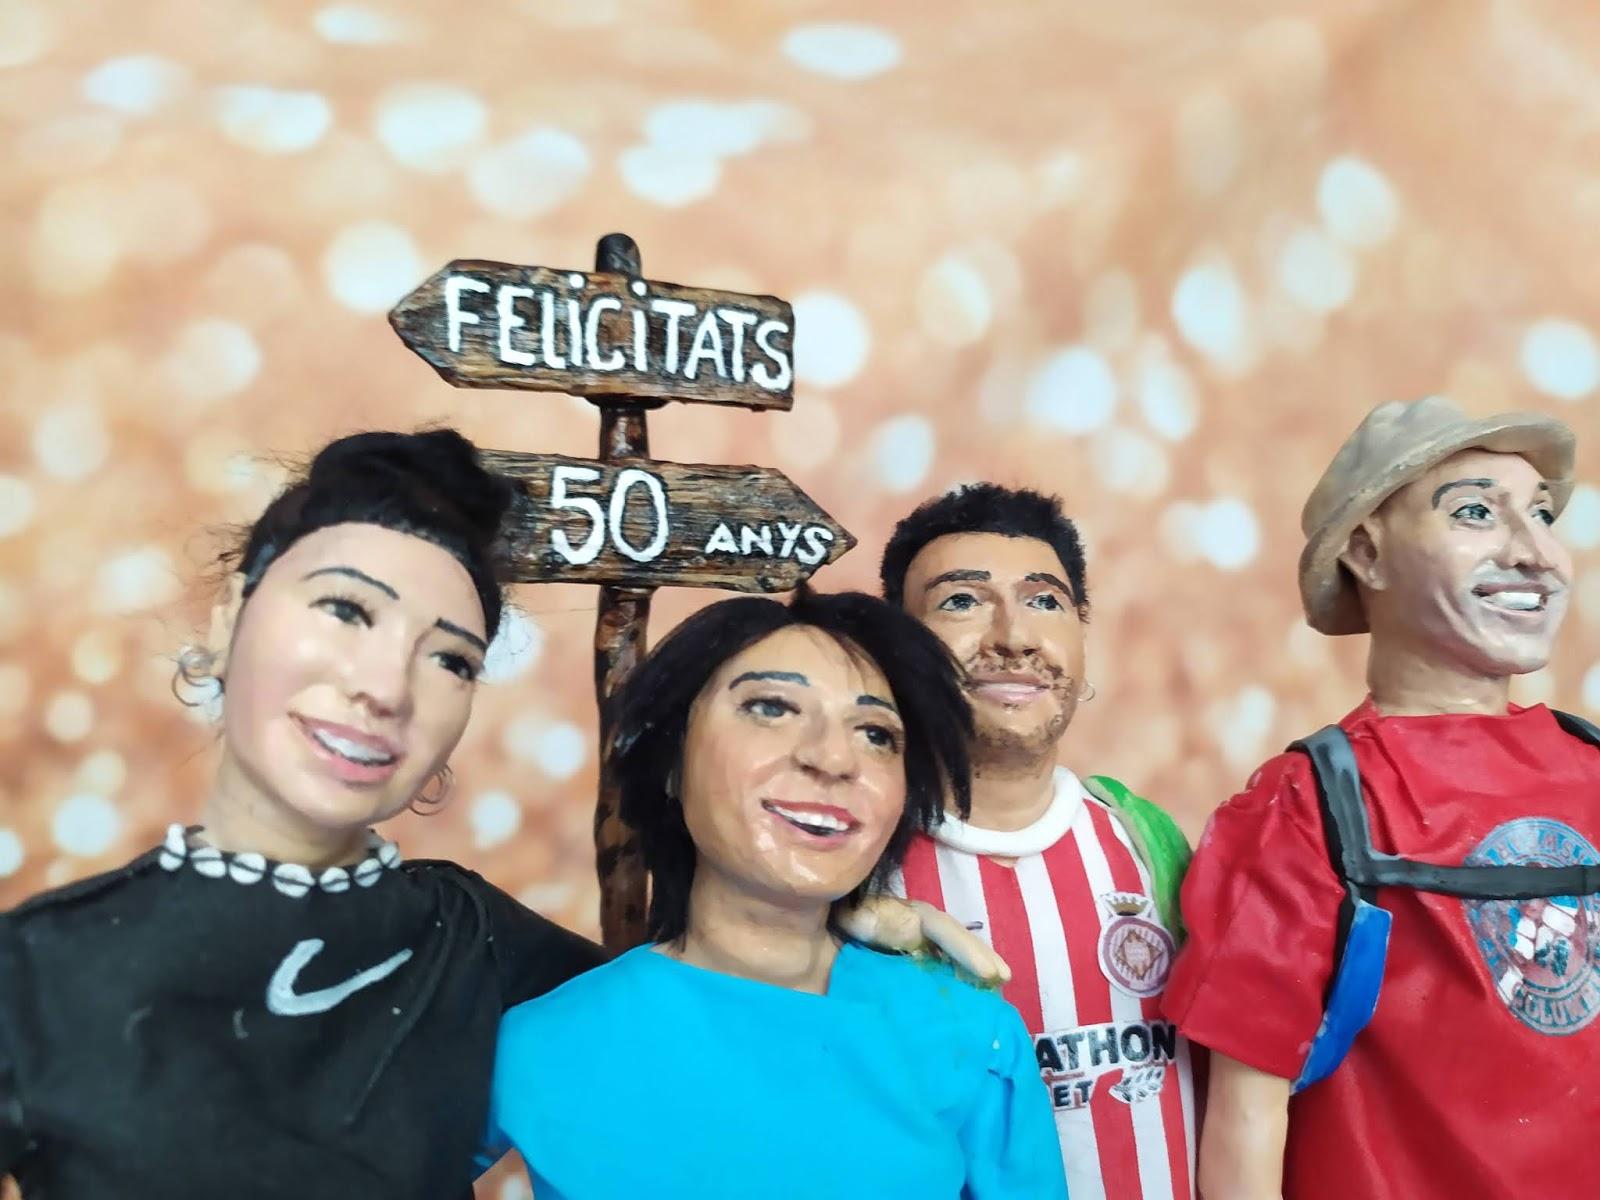 muñecos personalizados, figuras como personas